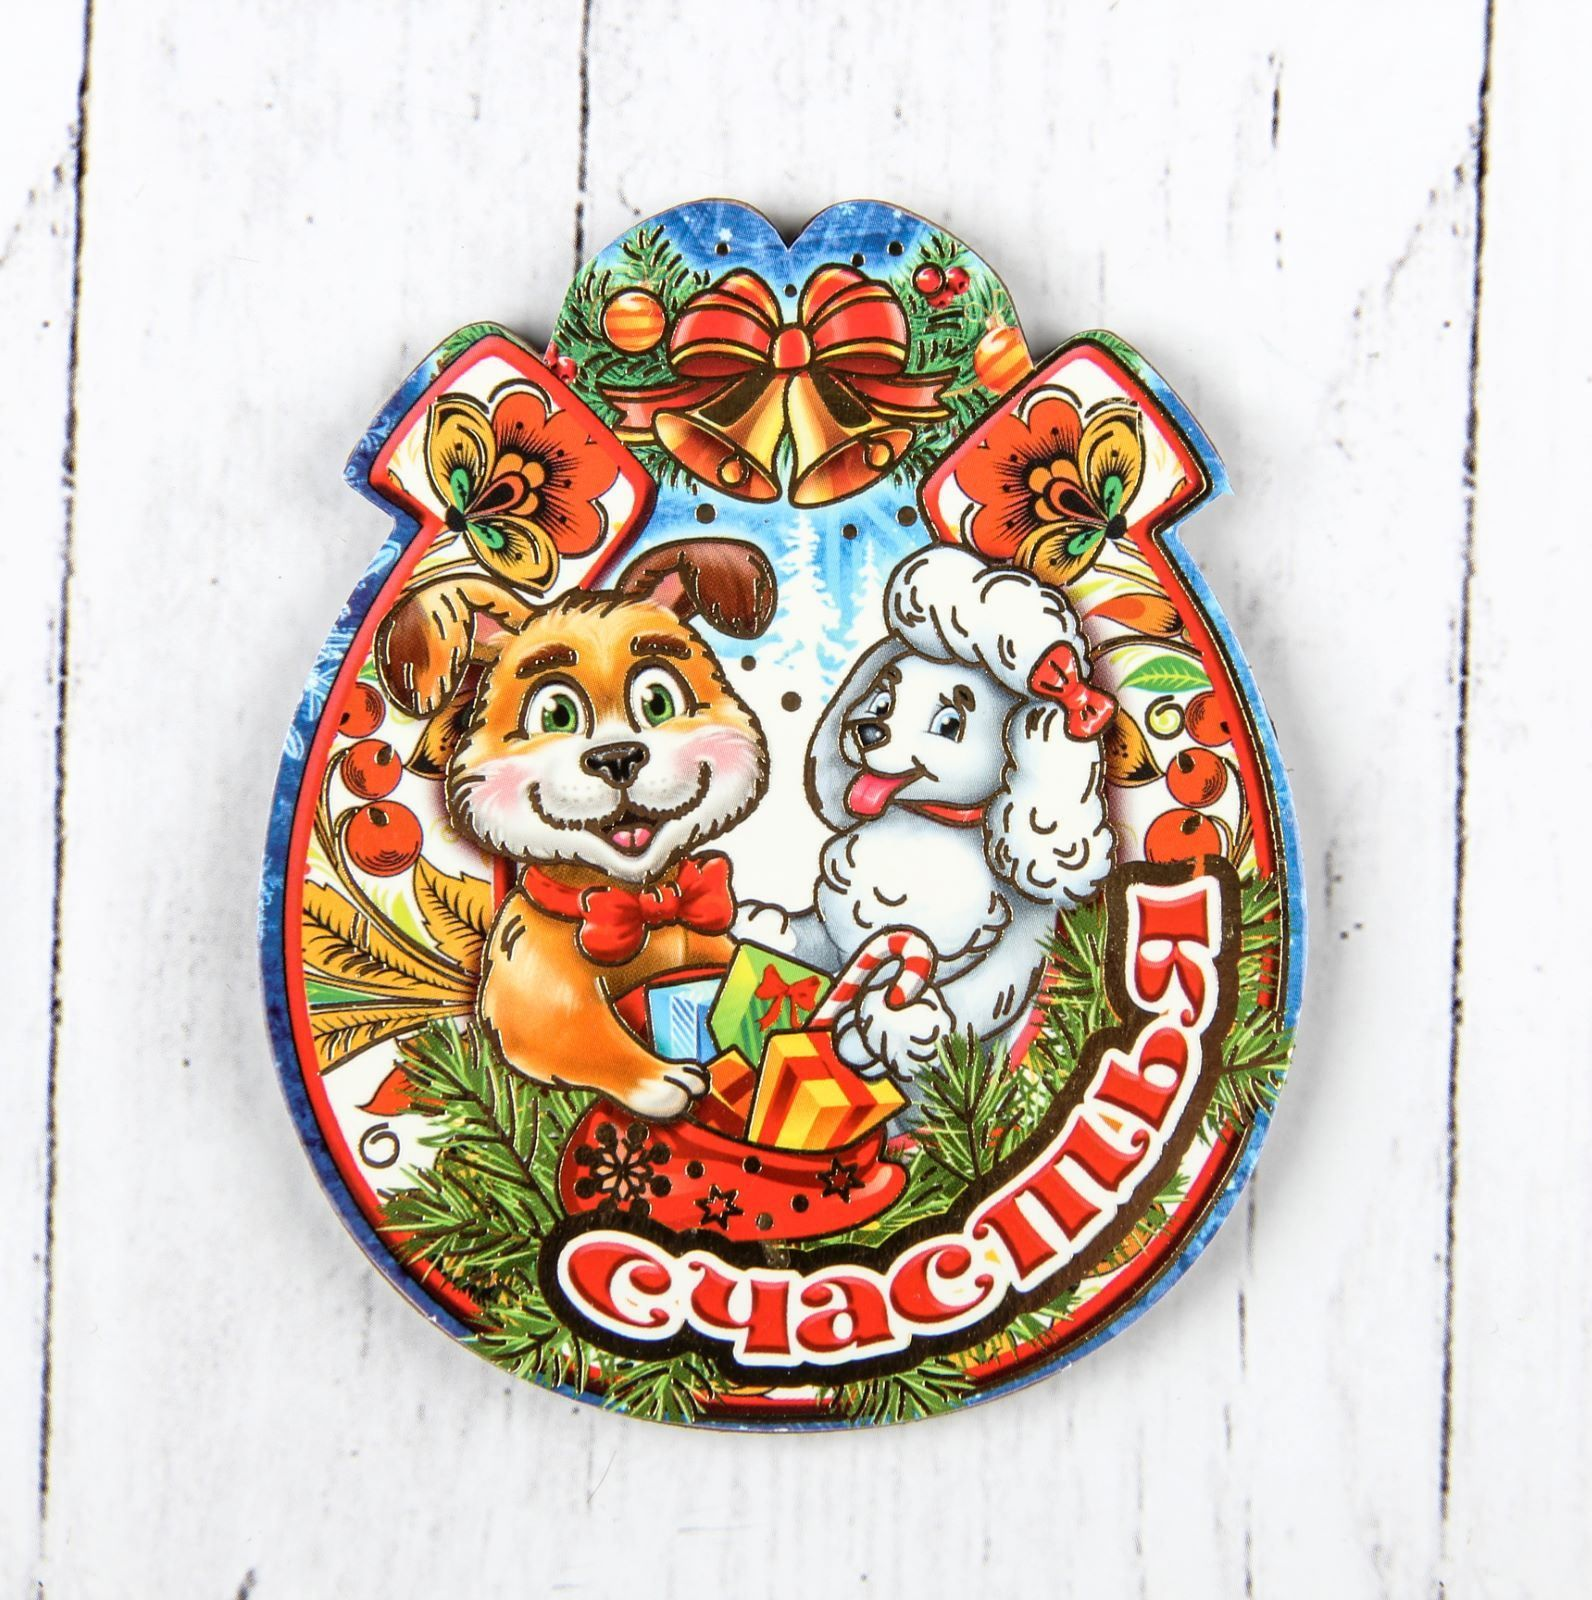 Магнит Sima-land Новогодний. 2018, 9 х 7,5 см. 25323732532373Порадуйте родных и близких оригинальным сувениром: преподнесите в подарок магнит. С ним даже самый серьёзный человек почувствует себя ребёнком, ожидающим чудо! Создайте праздничное настроение, и оно останется с вами на весь год.